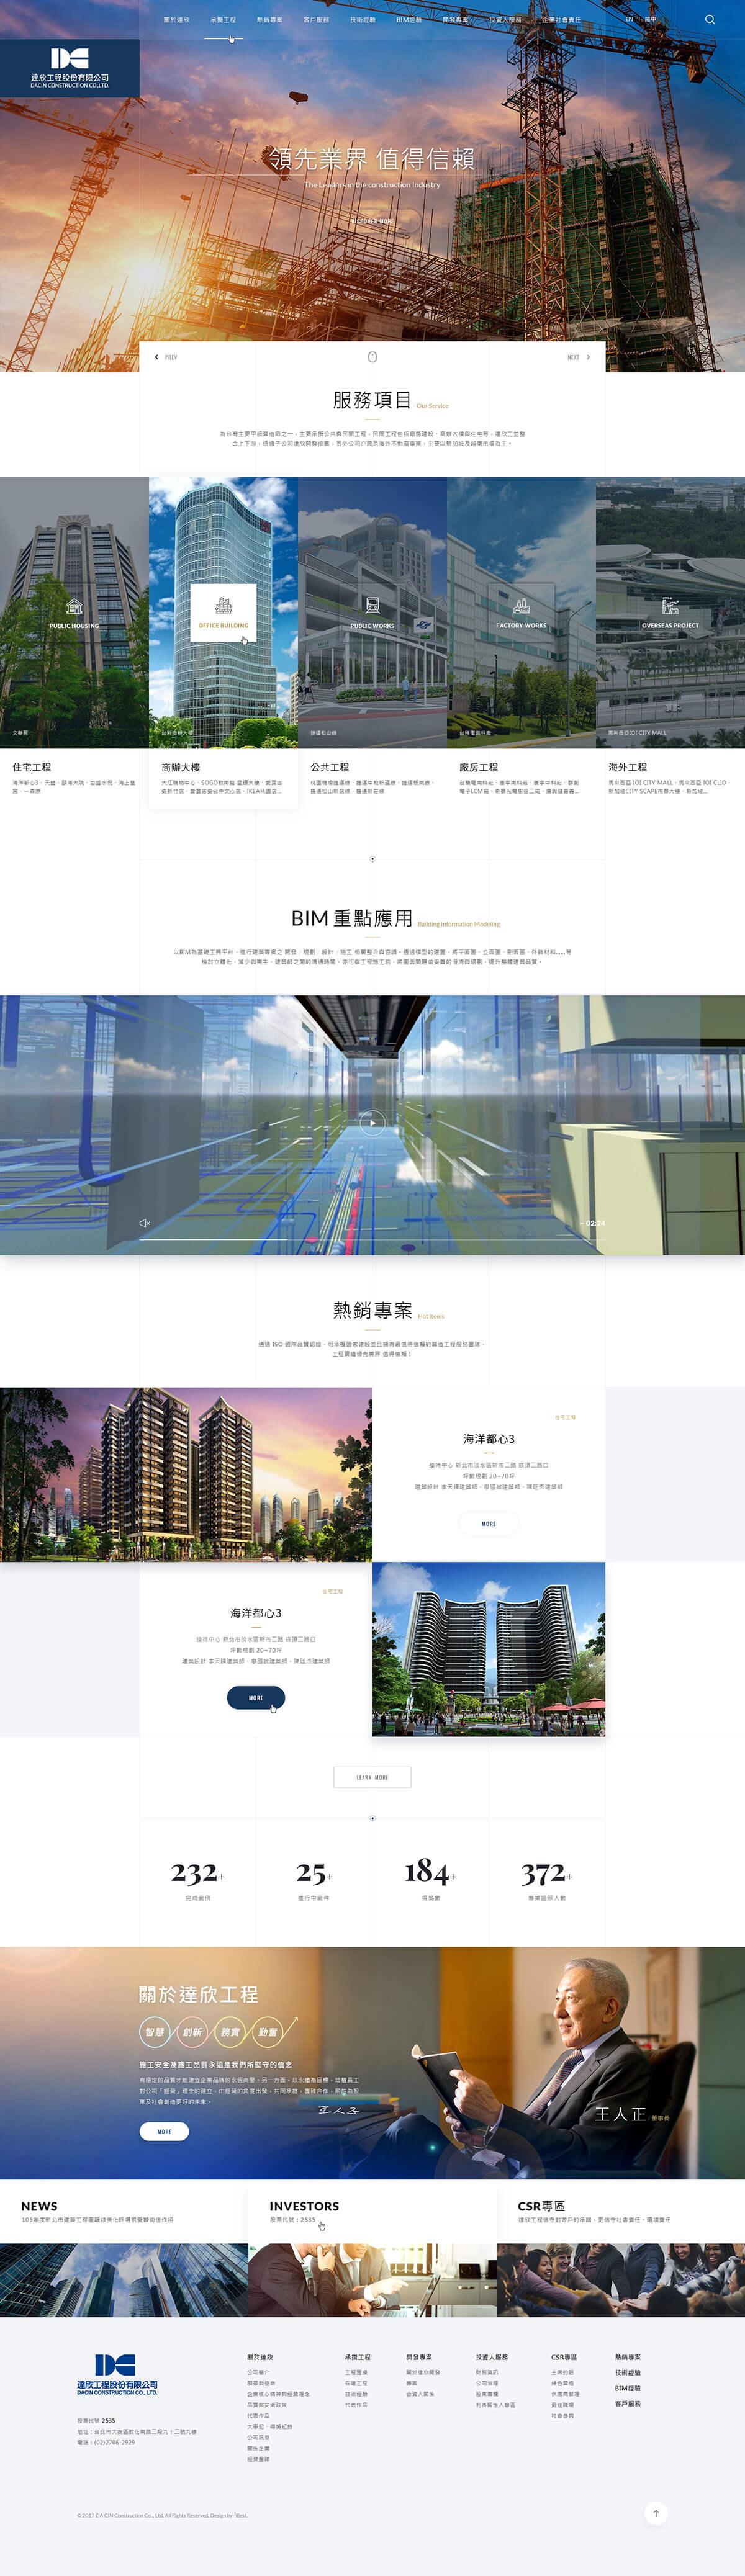 達欣工程-網頁設計